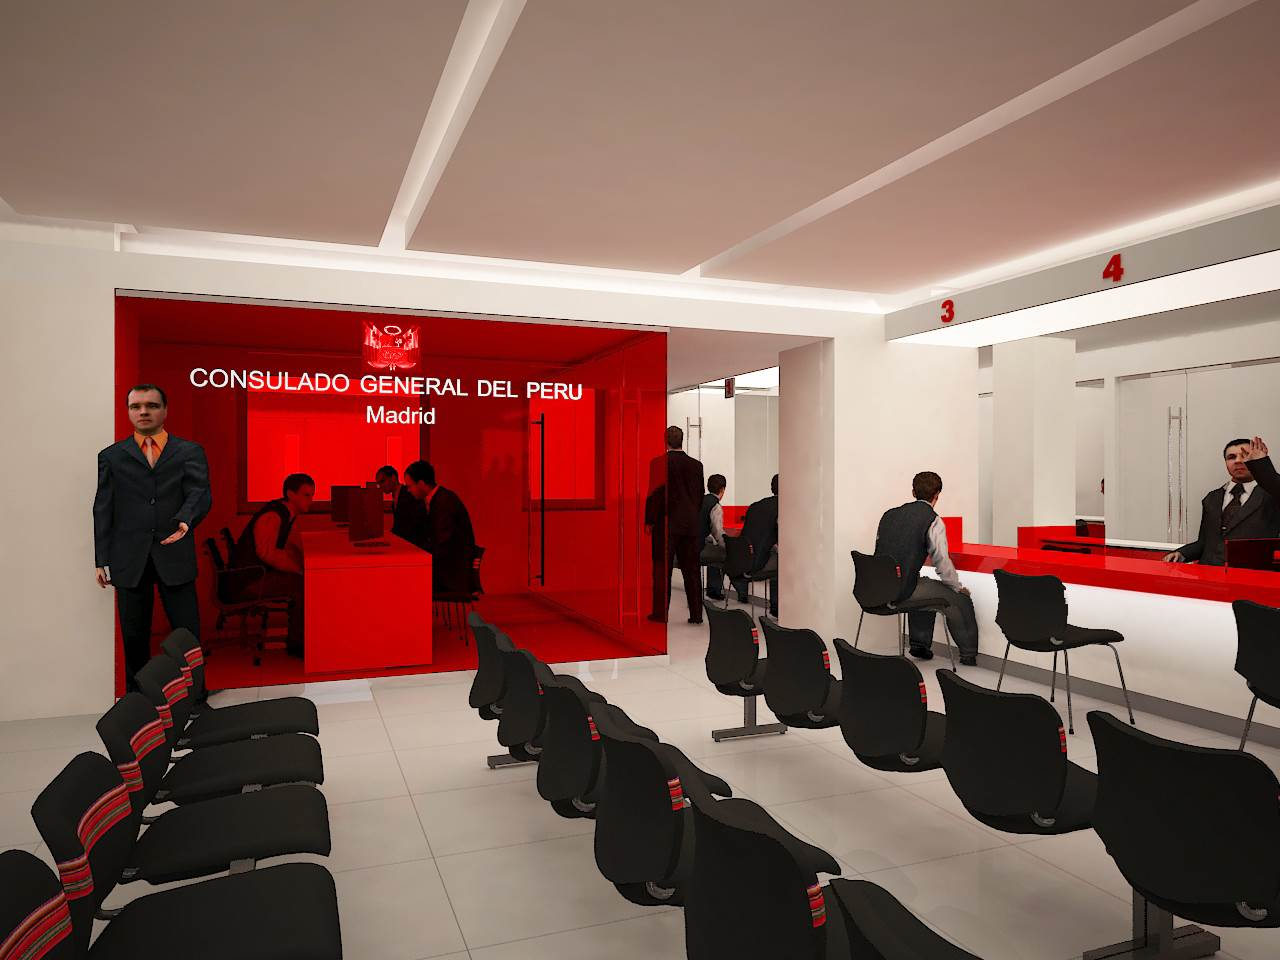 Consulado de Peru en Madrid-Barcelona